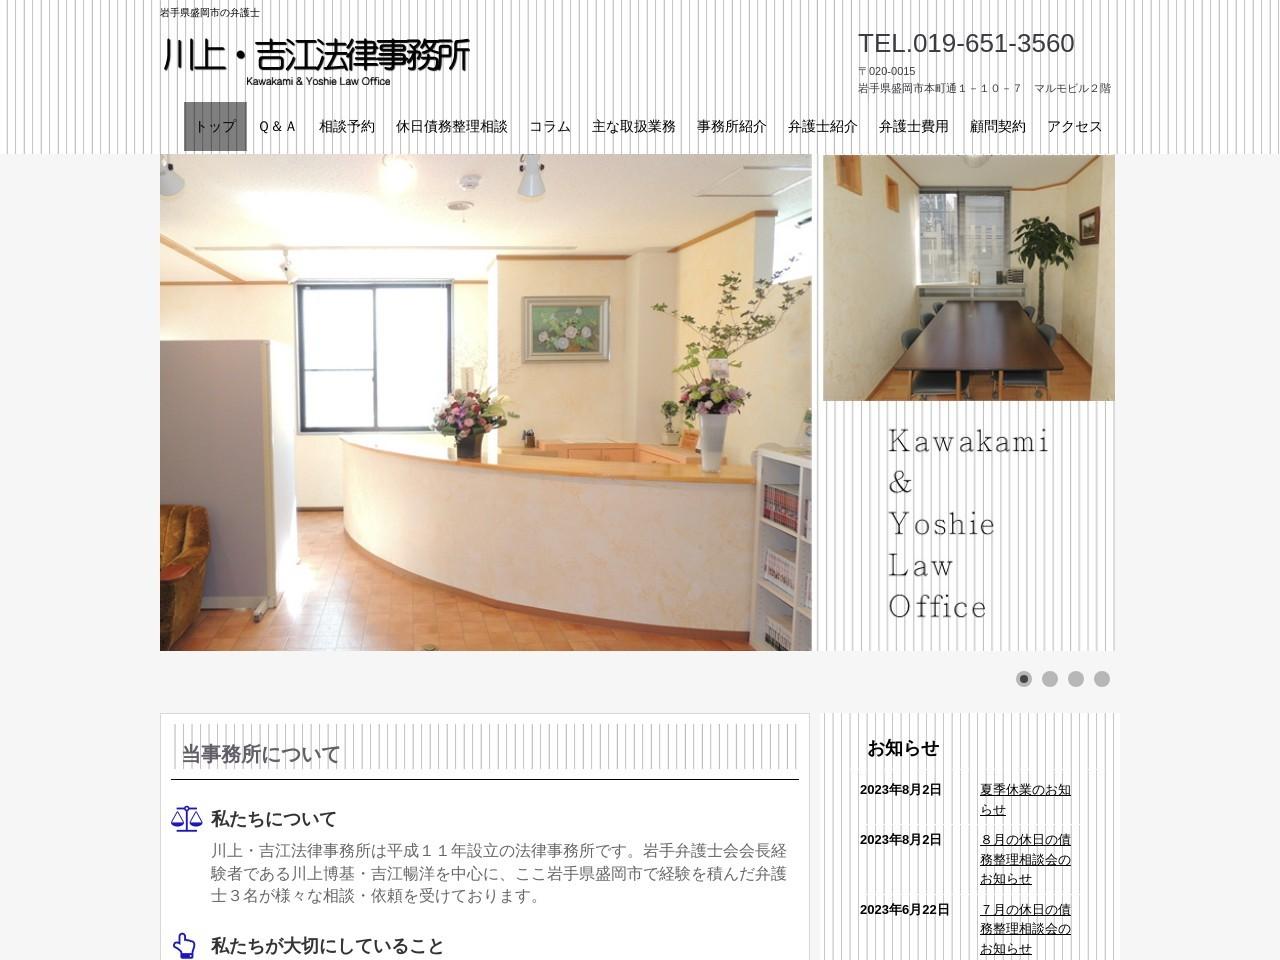 川上・吉江法律事務所